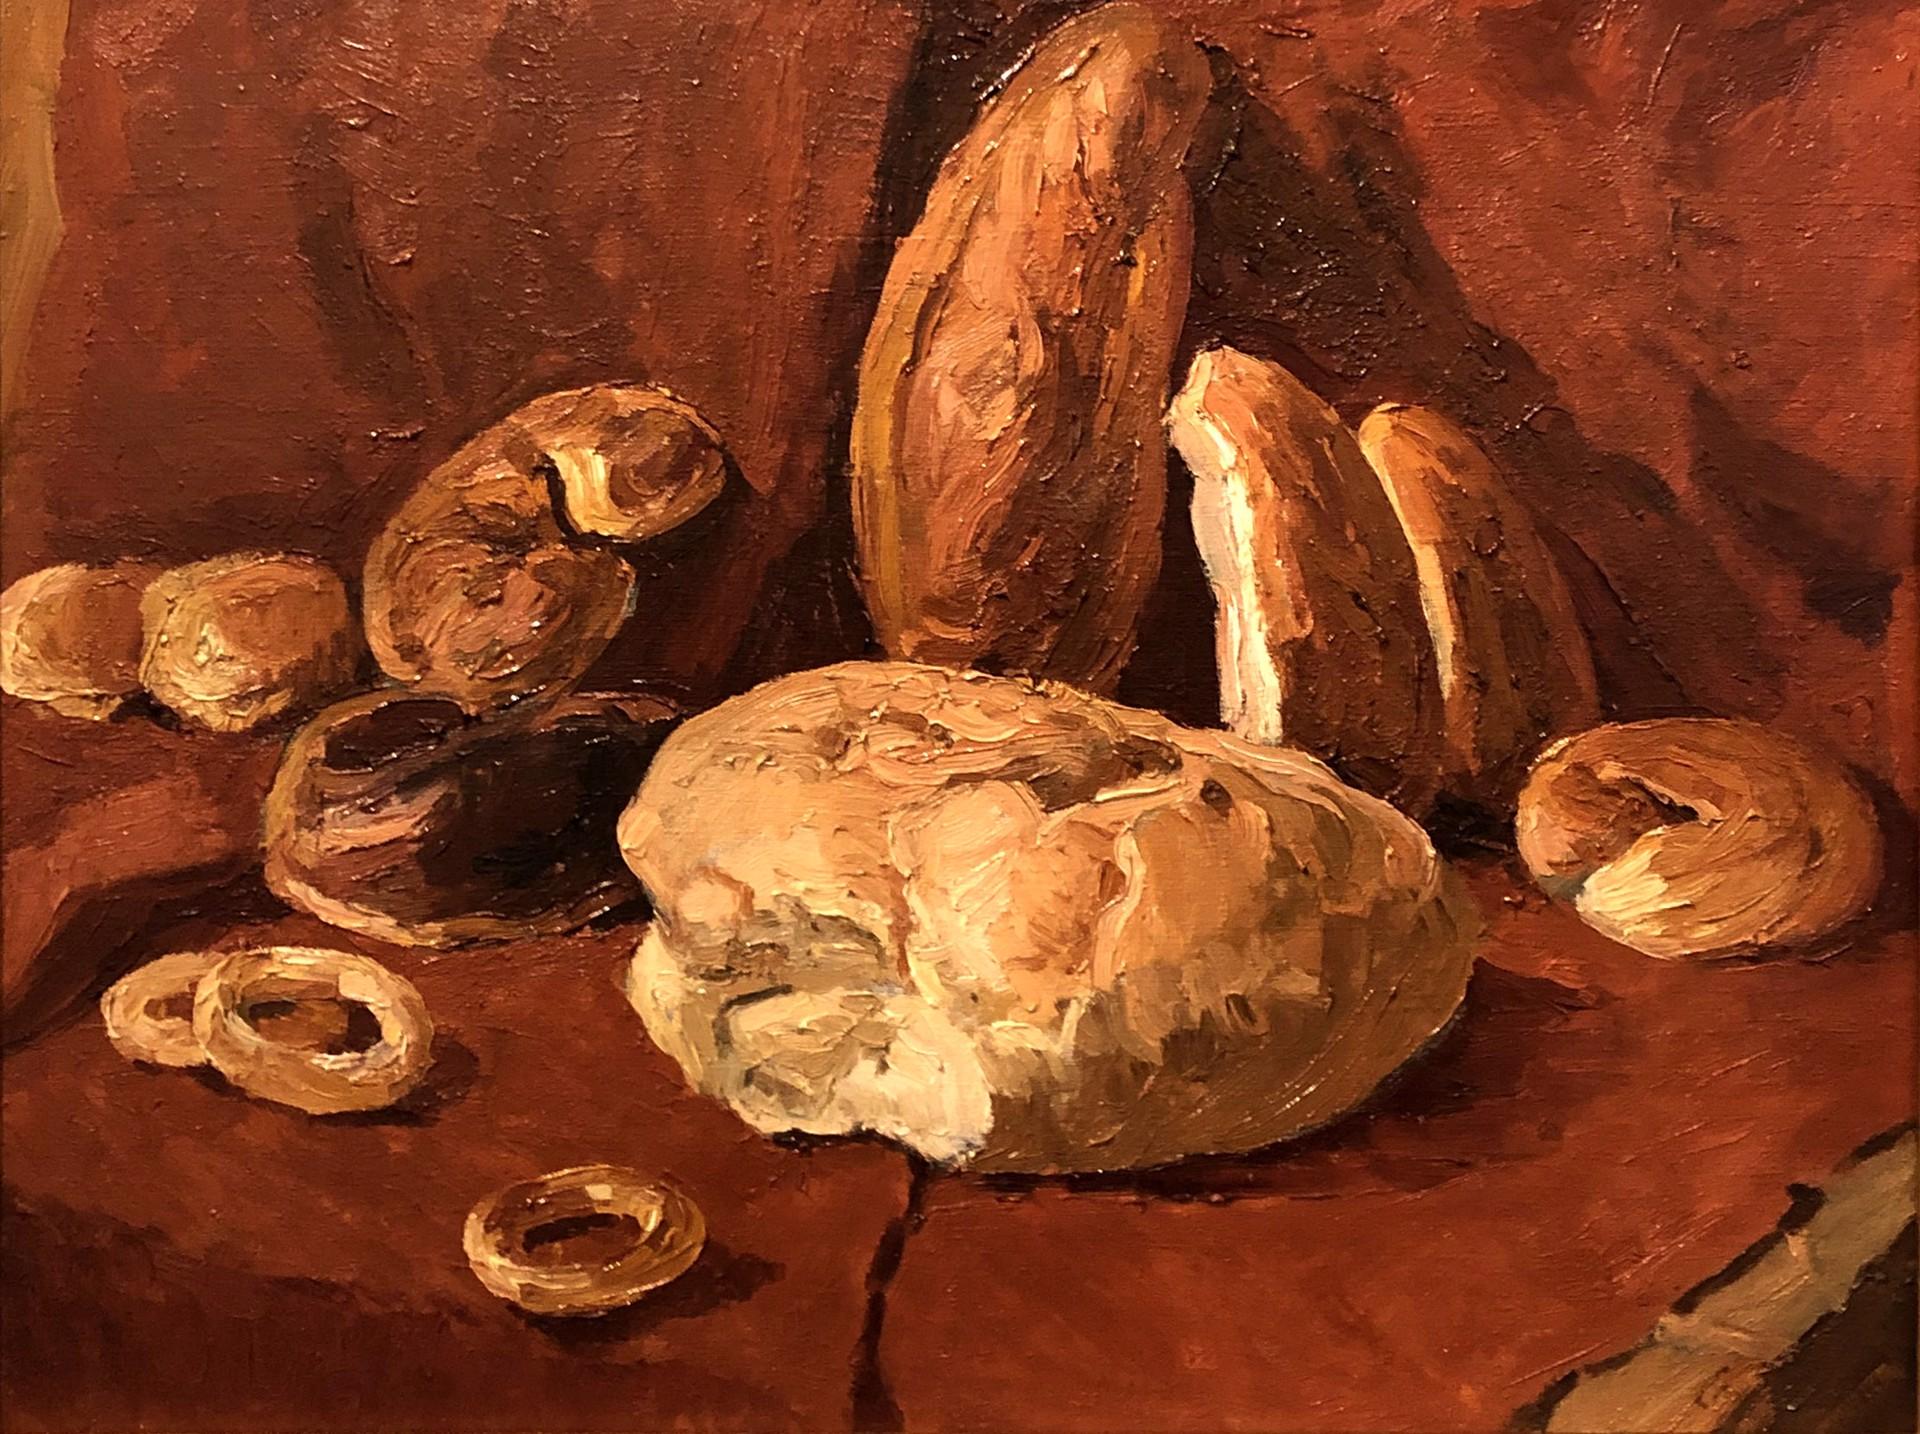 Anatoli Alekseevich Nebolsin - Bread by Russian Artists